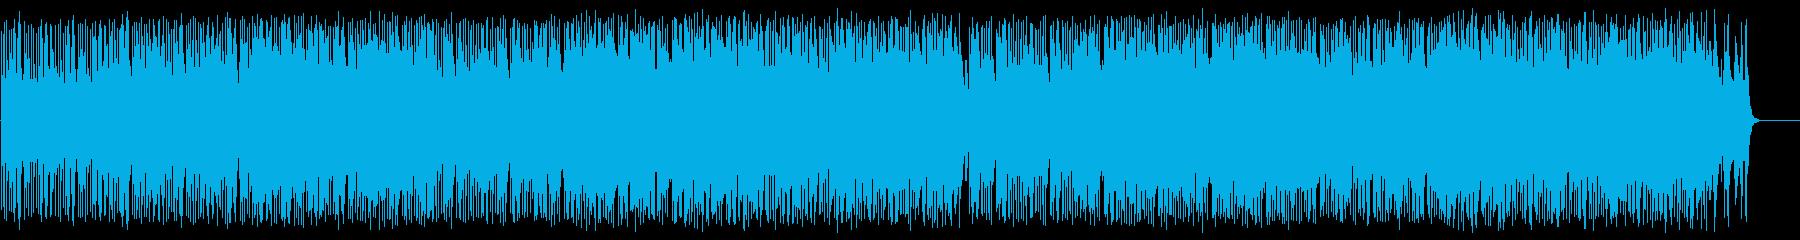 新生活へと出発するポップ(フルサイズ)の再生済みの波形